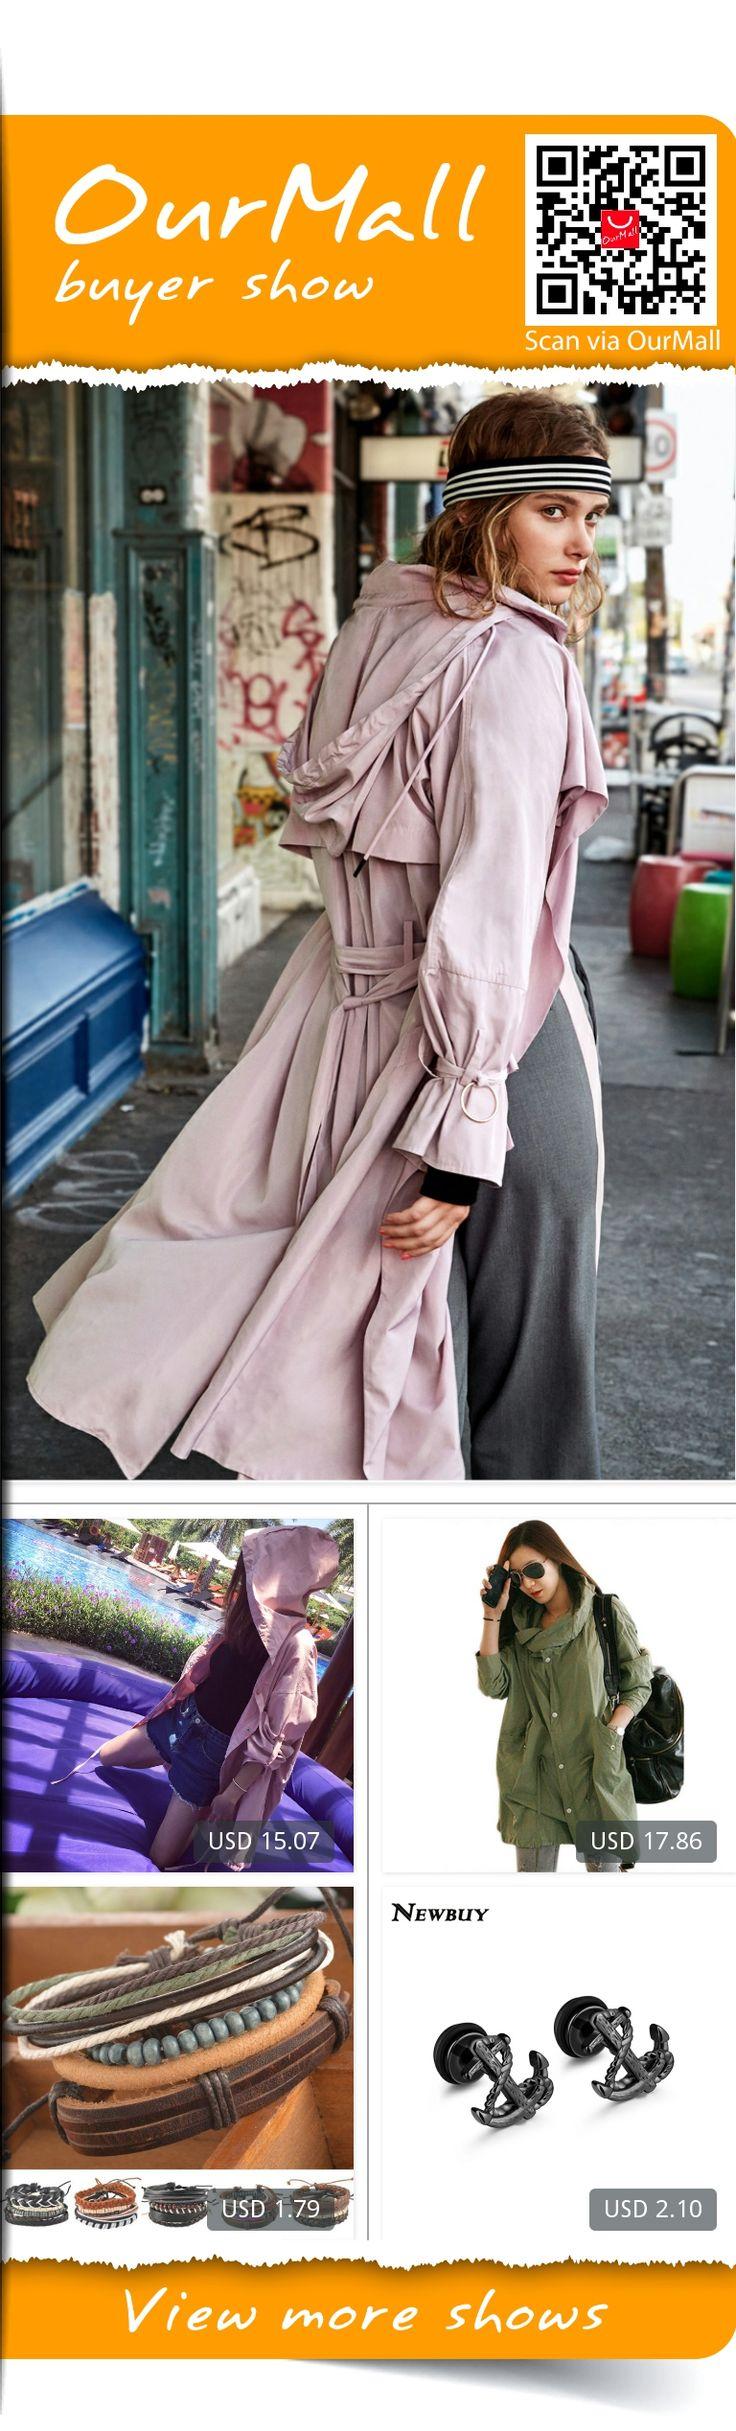 """pink coat look 2017""""__How A Nice Coat for women/girls__ winter coat ,camel coat ,trench coat ,coat hanger ,coat rack ,coat closet ,vintage coat ,cape coat ,coat hooks ,coat pattern ,fur coat ,wool coat ,oversized coat ,rain coat ,cocoon coat"""""""